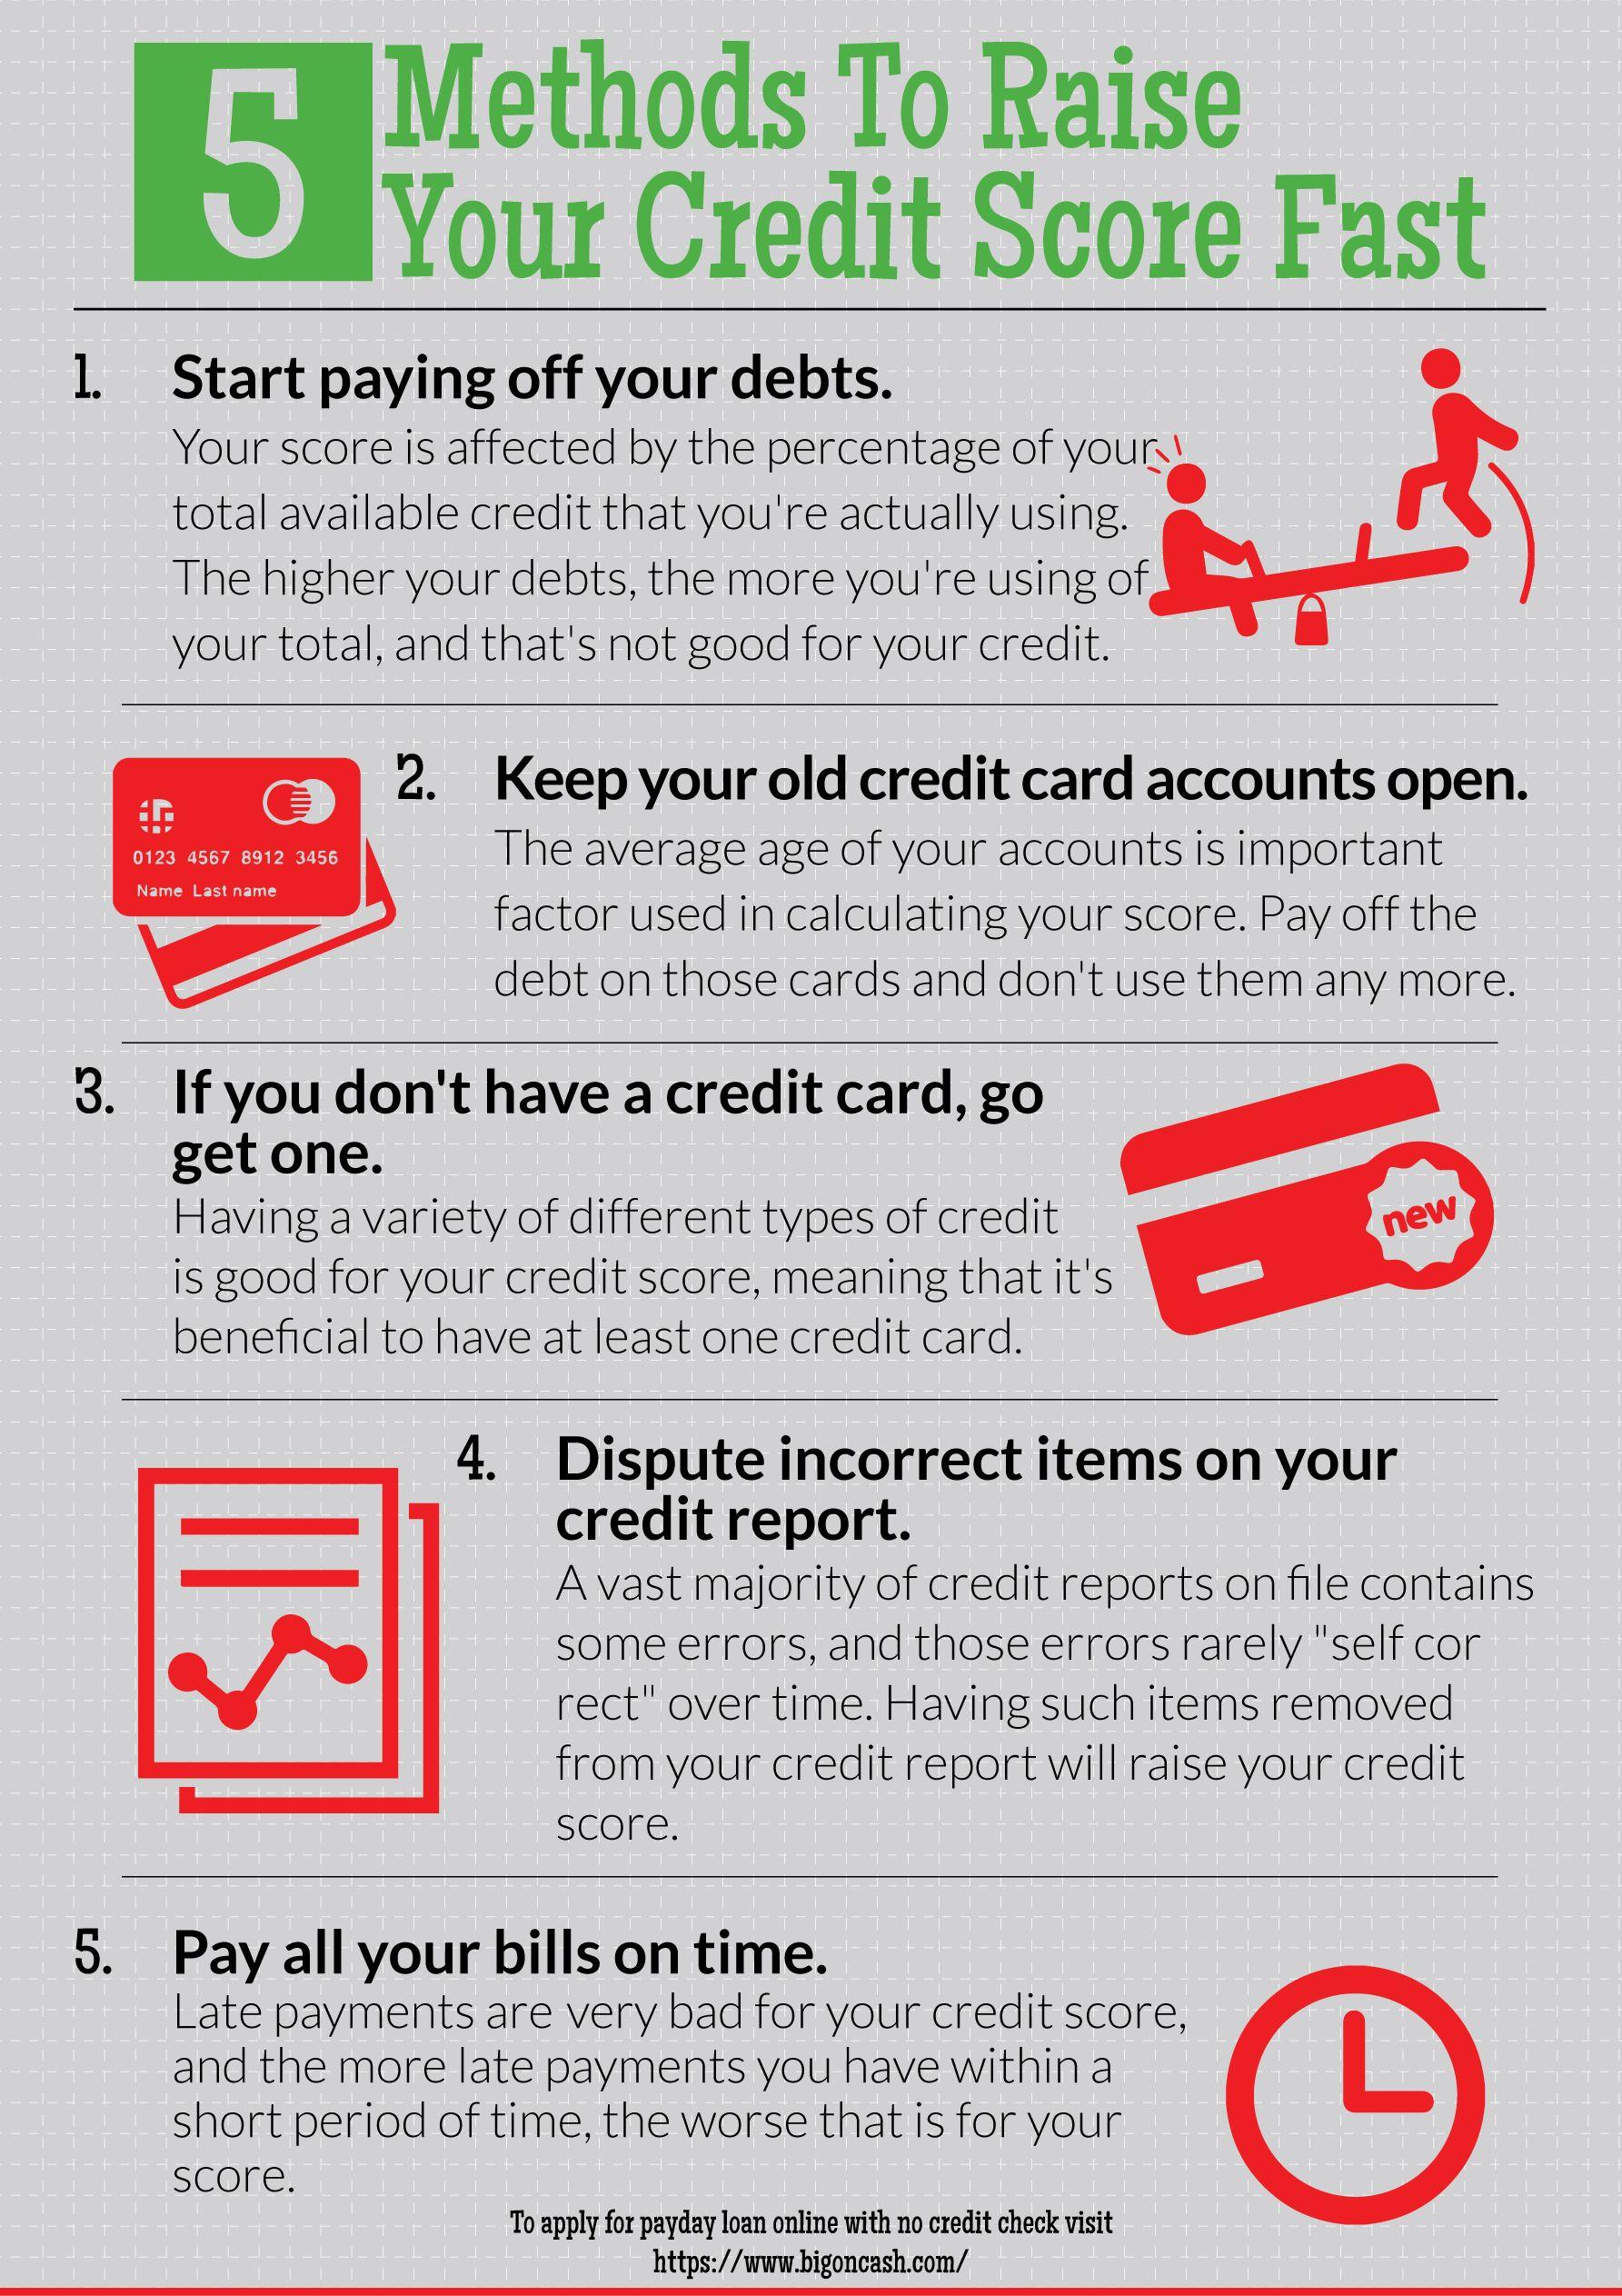 Payday loans shelton wa image 5